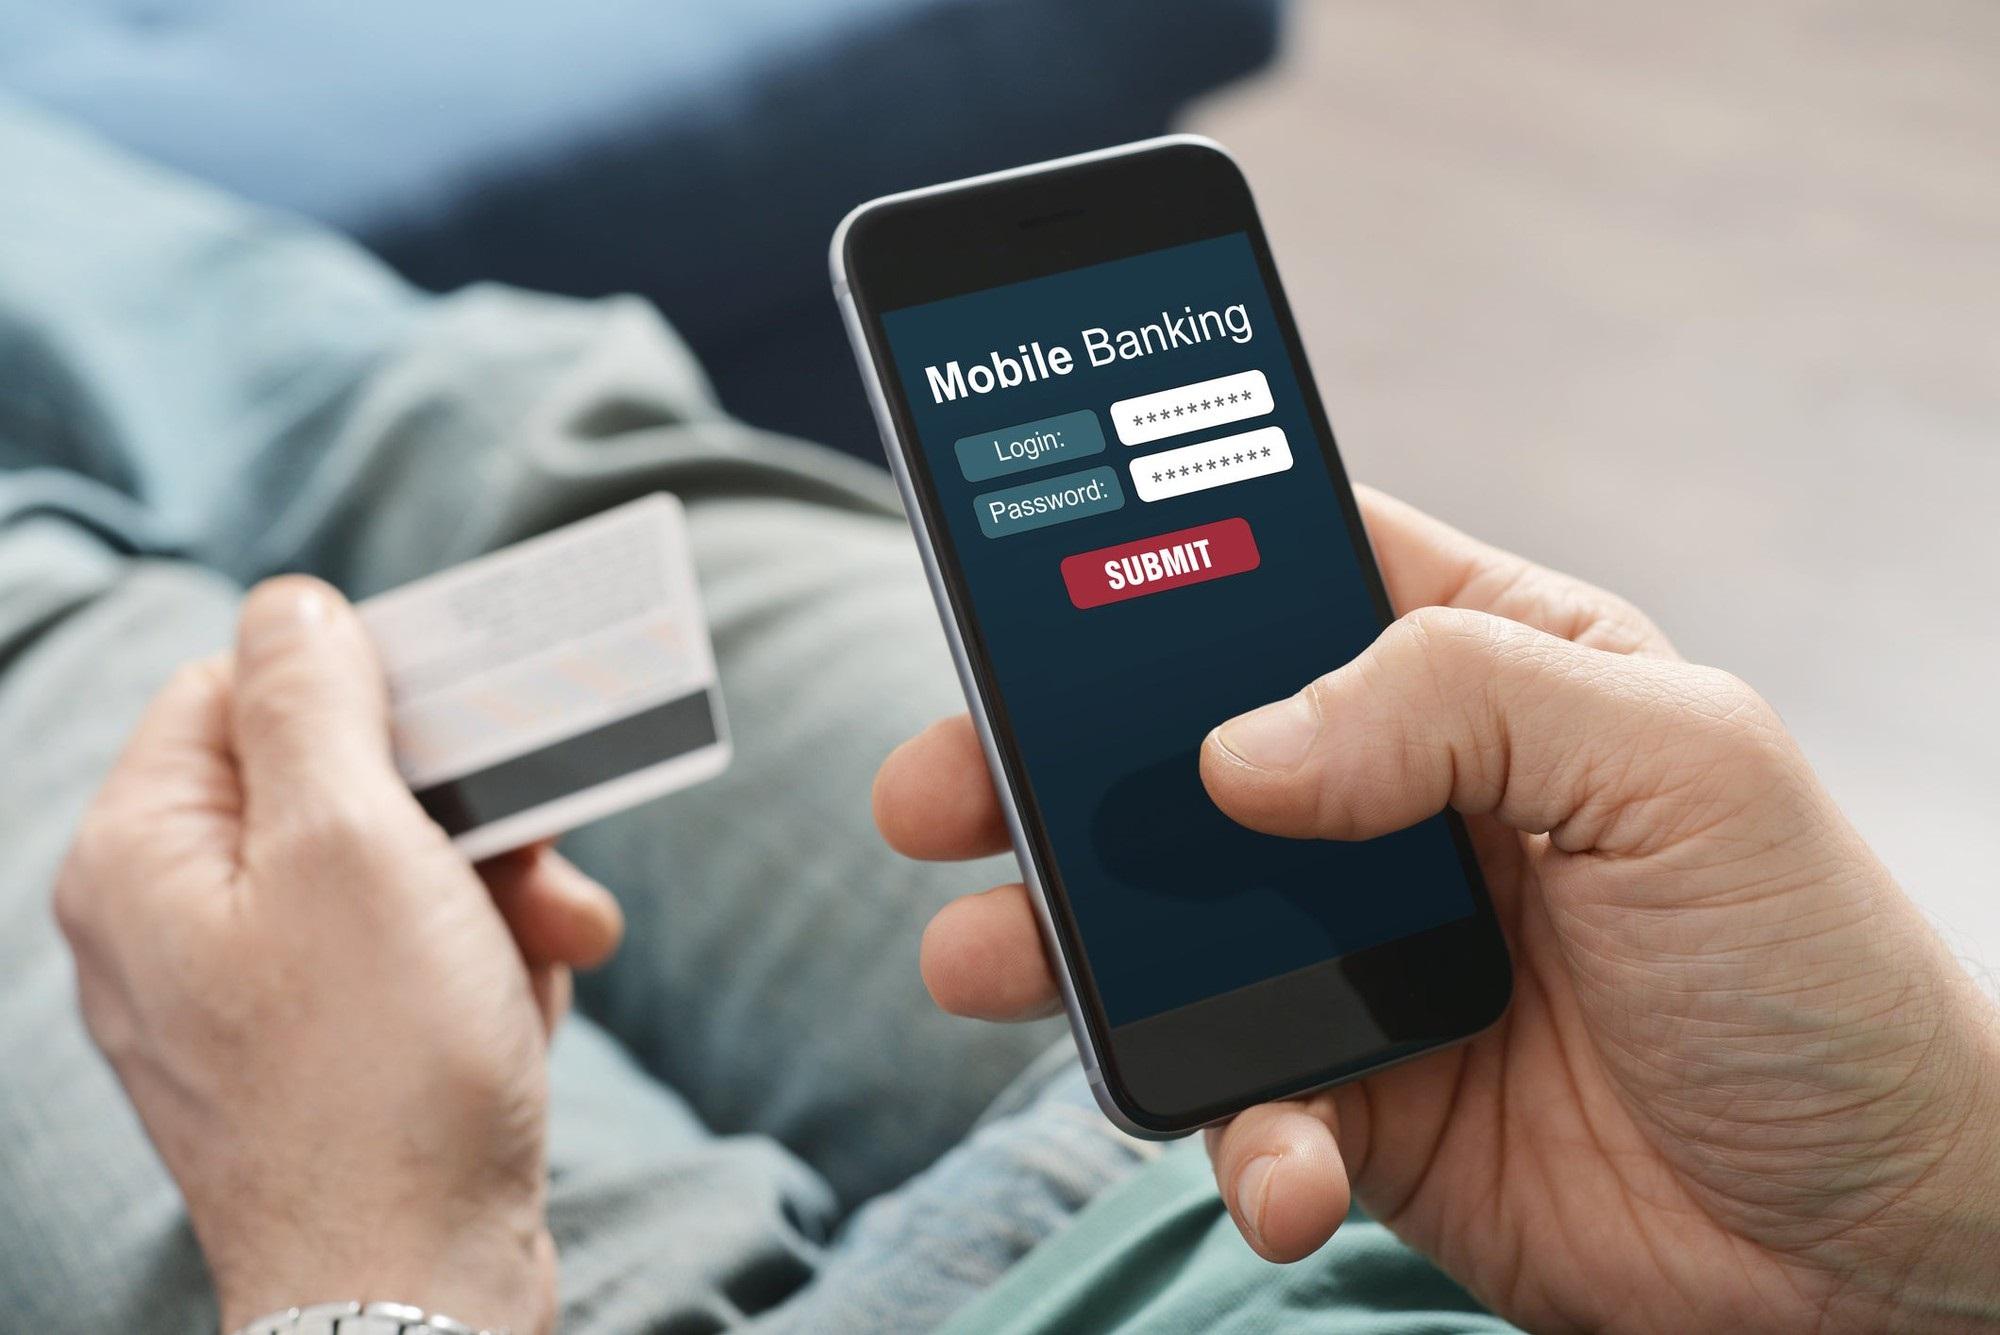 akbank mobil bankacilik guvenlik acisisndan dikkat edilmesi gereken hususlar